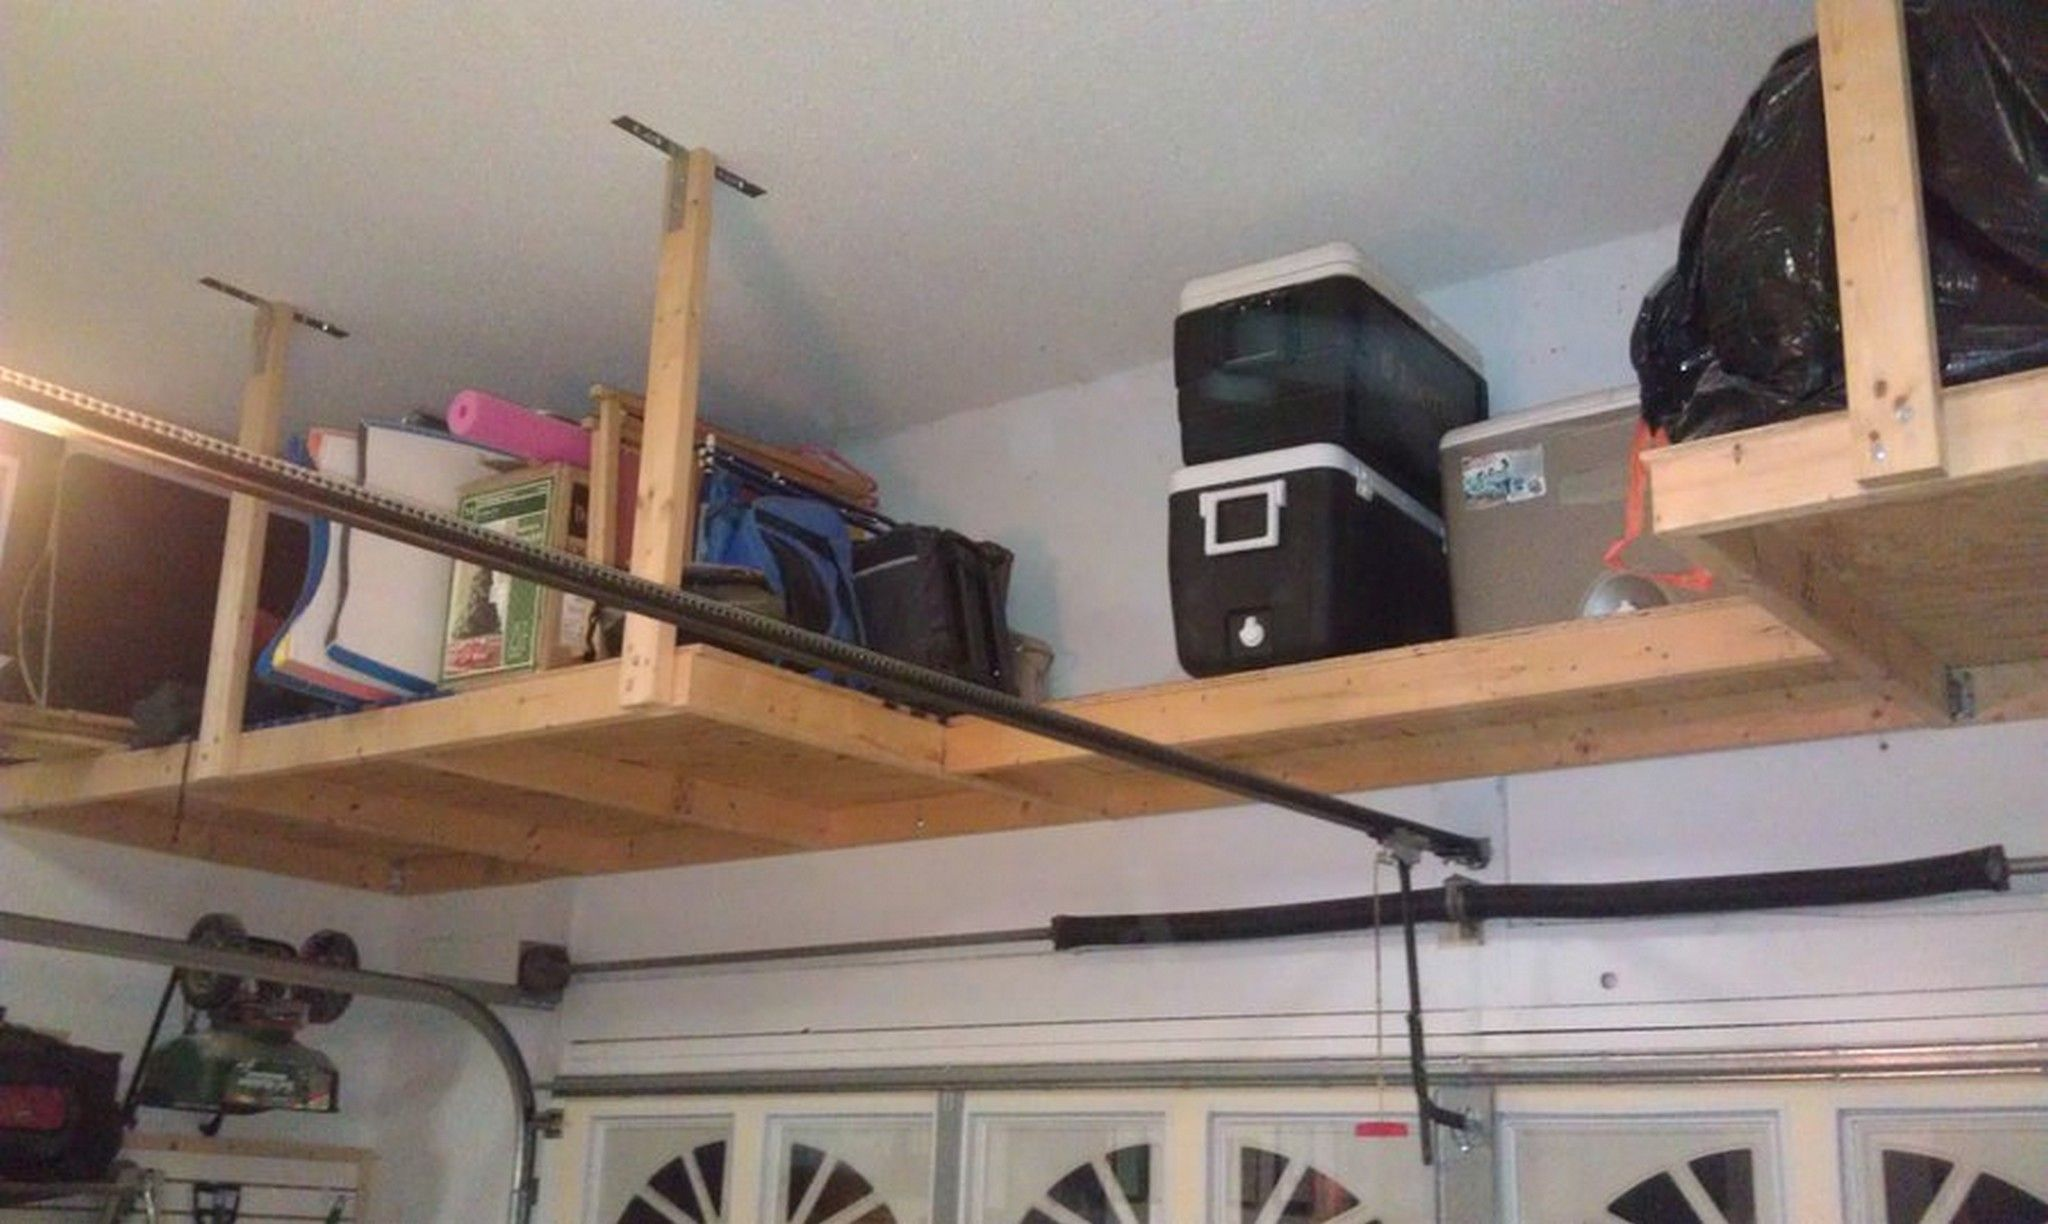 Build wood garage storage beginner woodworking project gargage build wood garage storage beginner woodworking project diy solutioingenieria Gallery